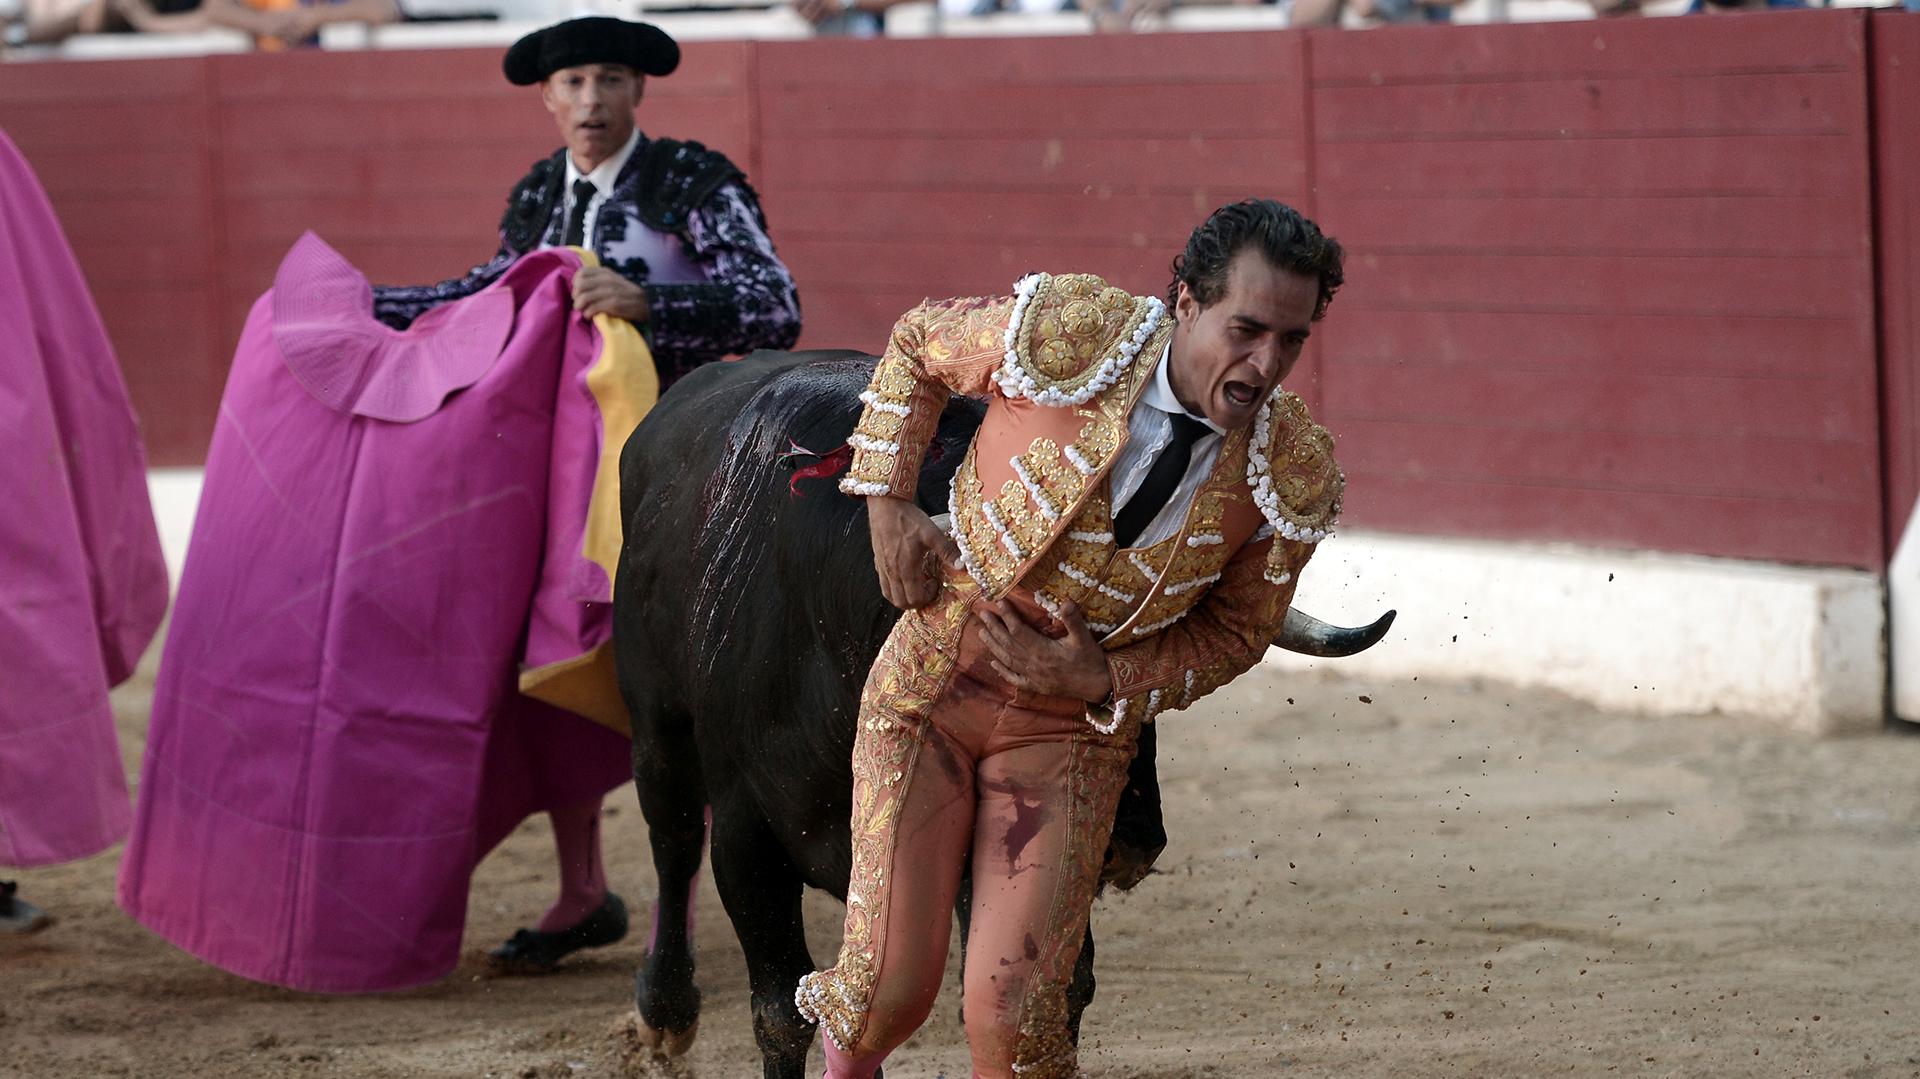 El famoso torero español Iván Fandiño murió tras recibir una cornada en un pulmón durante una corrida en Aire sur Adour, sur de Francia